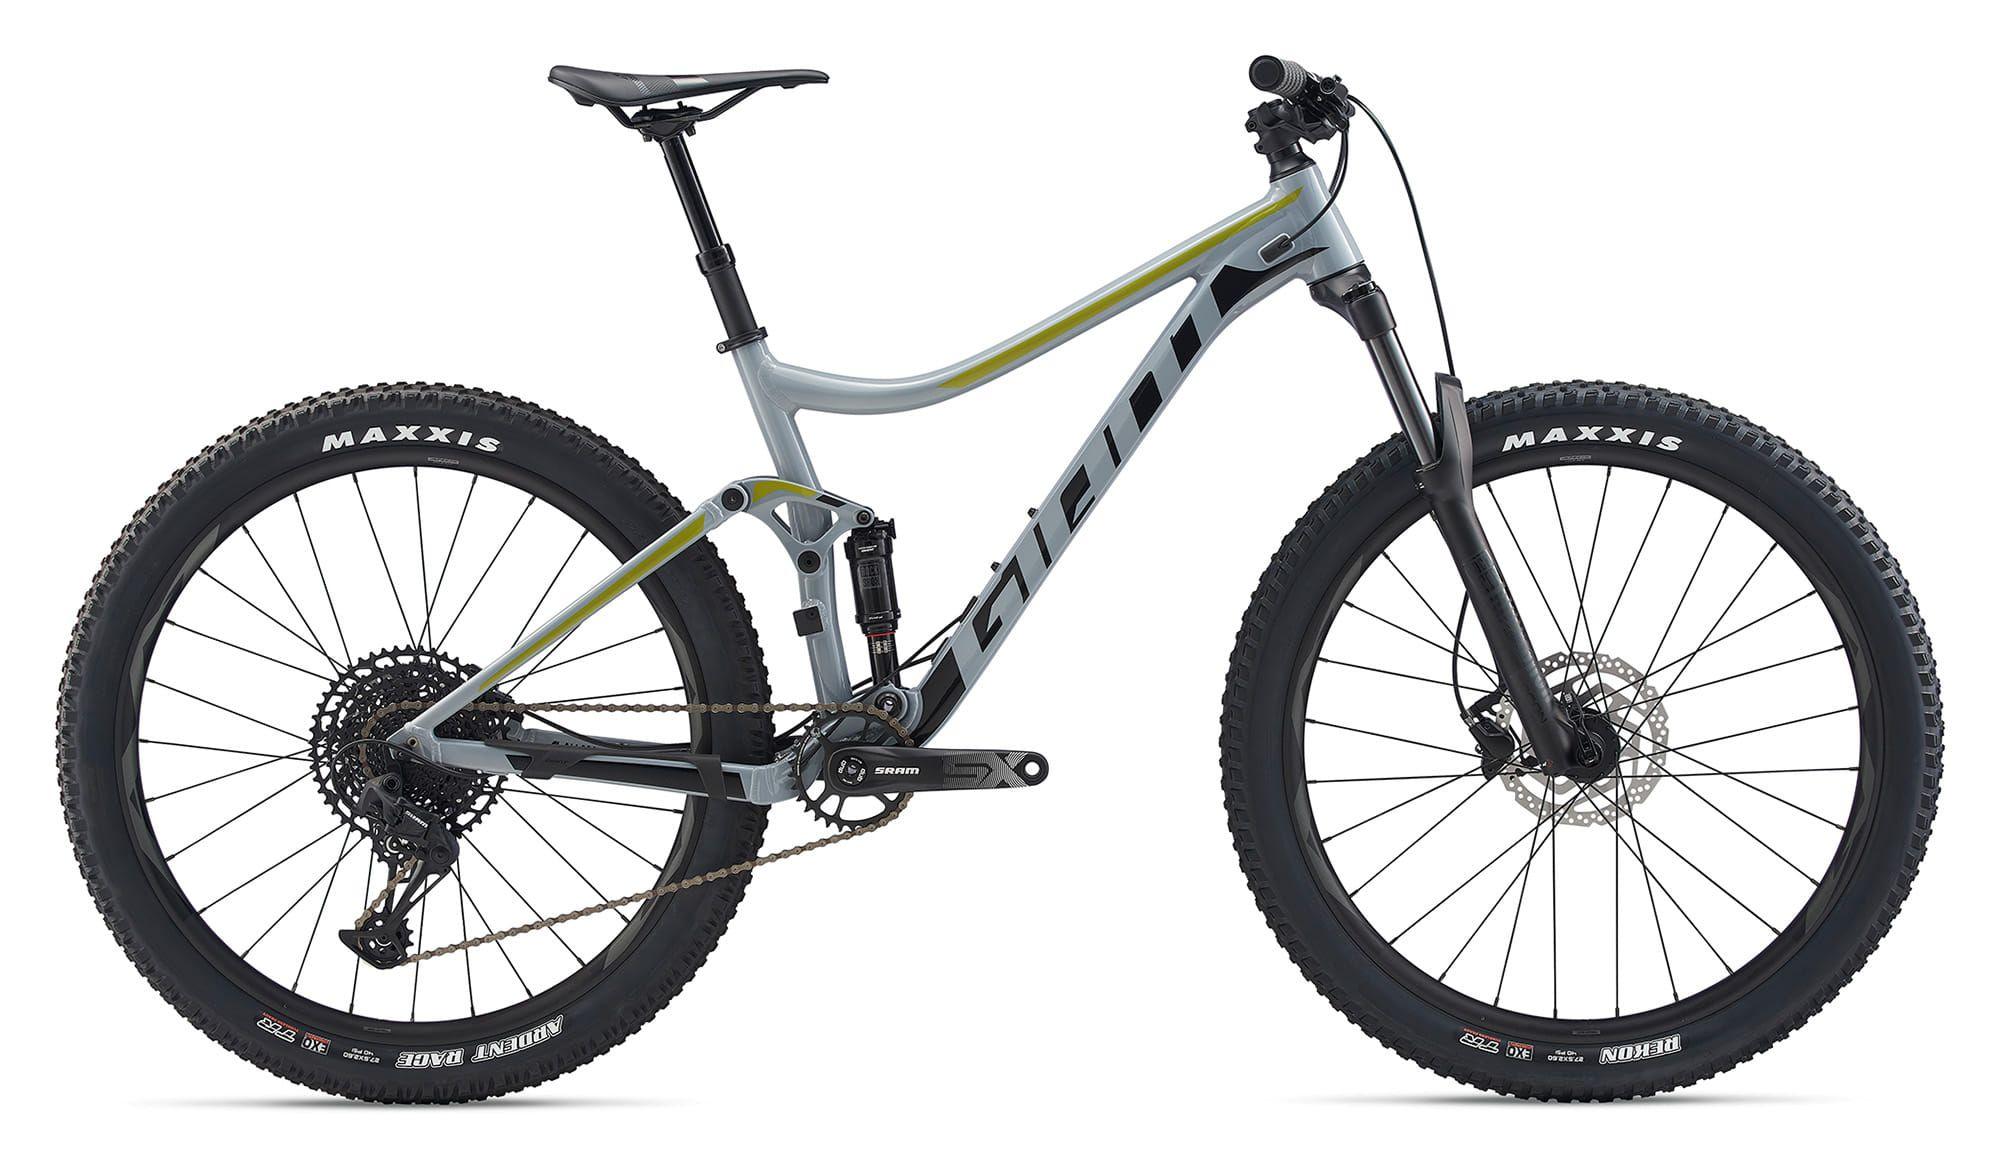 Giant Stance 1 650b Mountain Bike 2020 | Mountainbikes